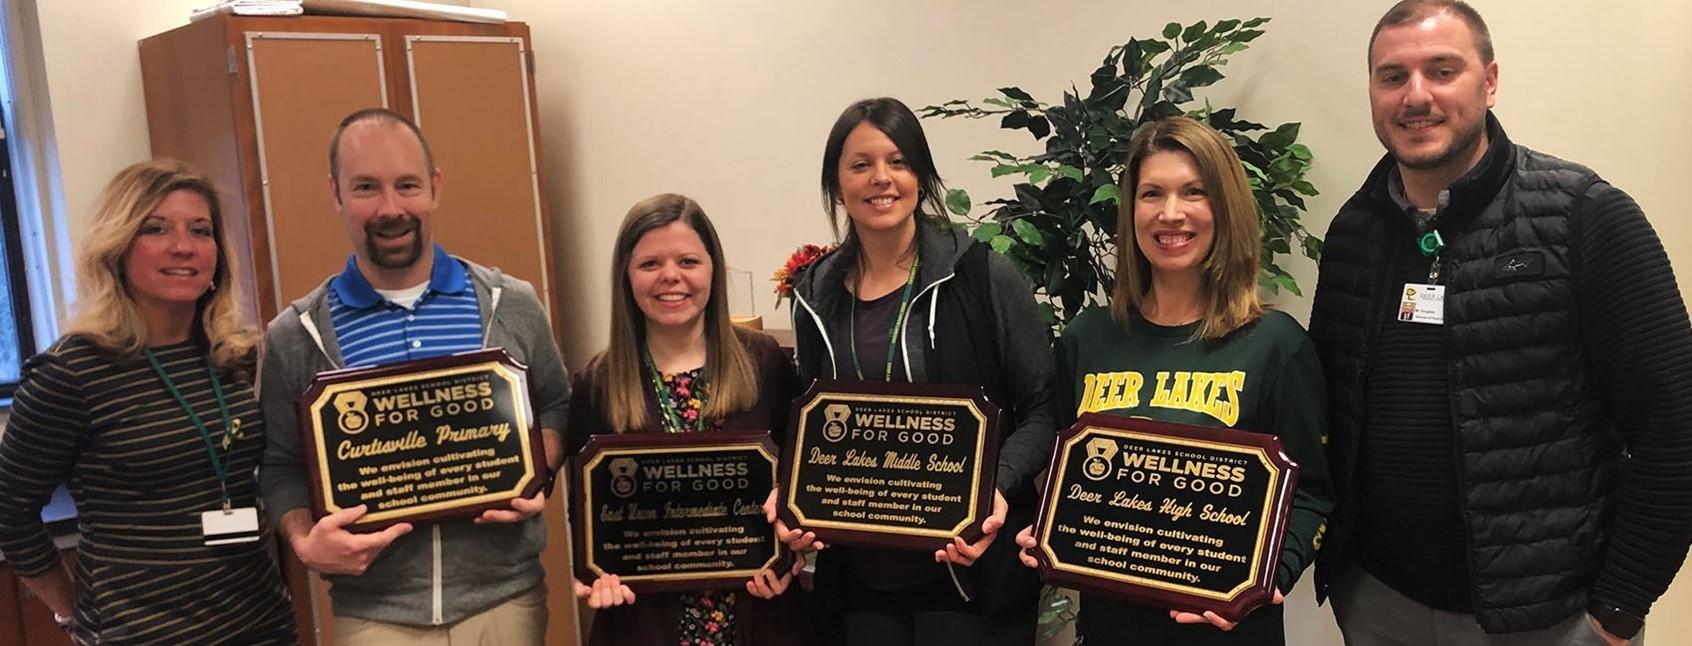 Deer Lakes Wellness Committee issues school plaques